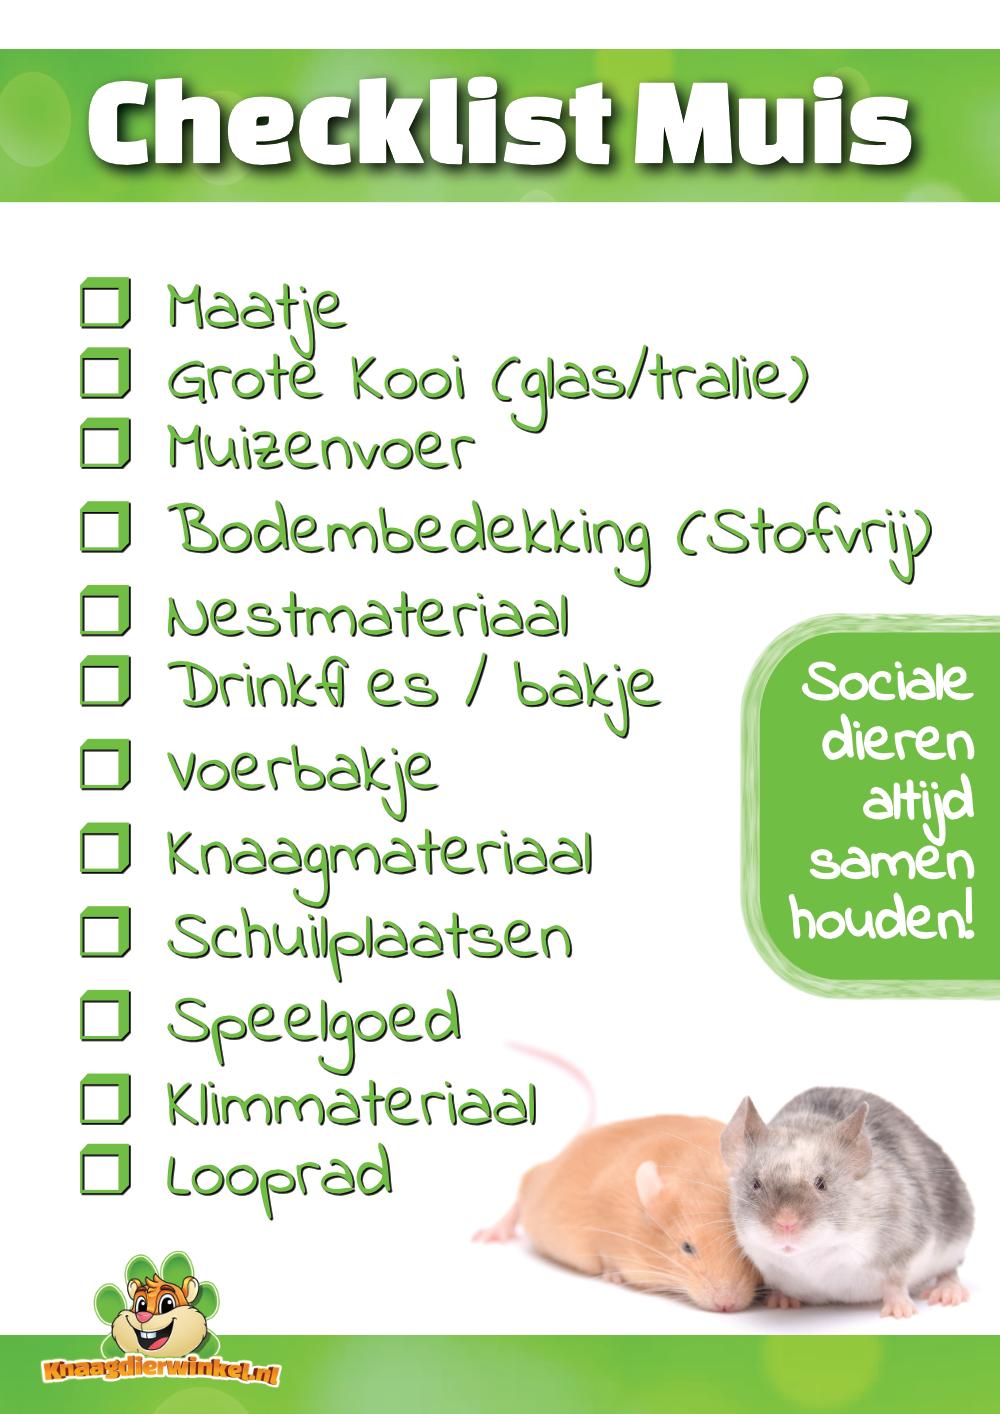 Checklist Muis gratis